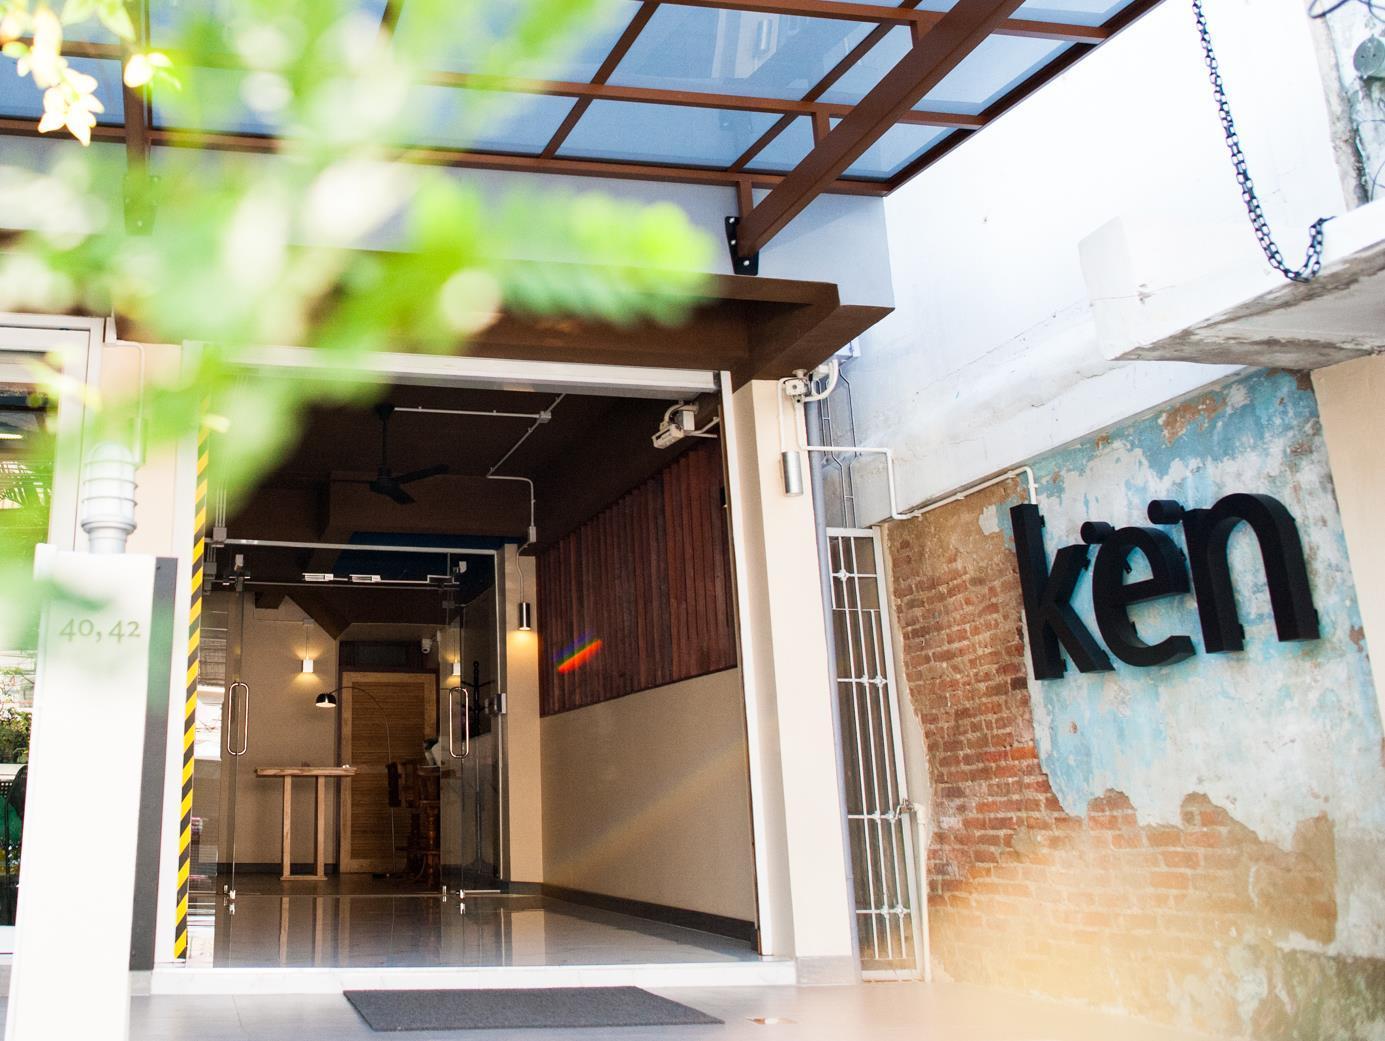 KENCOZY accommodation,เคน แอคคอมมอเดชั่น